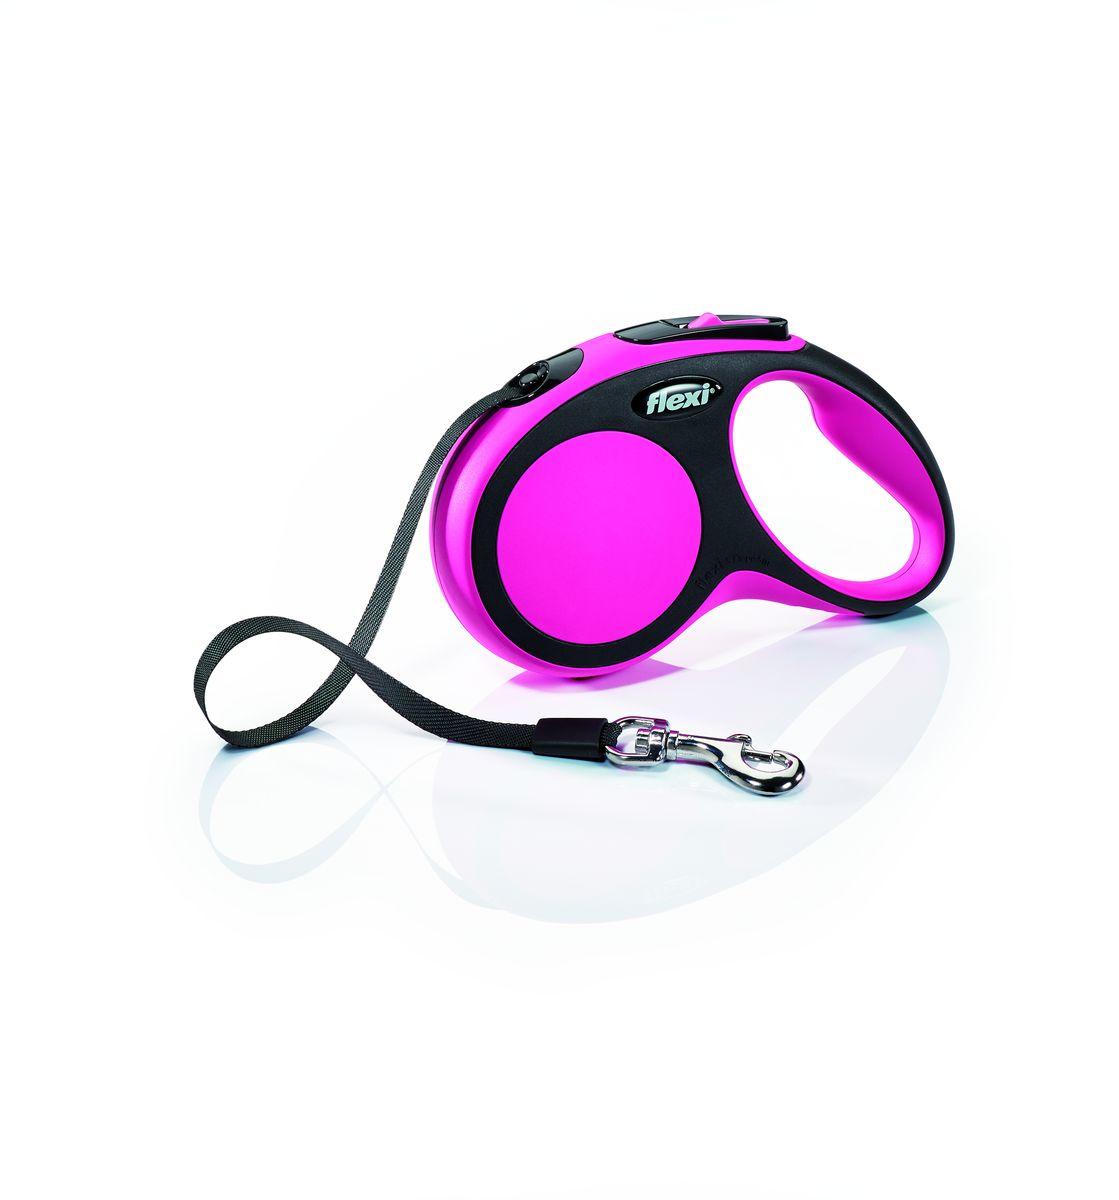 Поводок-рулетка Flexi New Comfort S, лента, для собак весом до 15 кг, цвет: черный, розовый, 5 м28117Ленточный поводок-рулетка обеспечивает собаке свободу движения, что идет на пользу здоровью и радует Вашего четвероногого друга. Рулетка очень проста в использовании. Оснащена кнопками кратковременной и постоянной фиксации. Рулетку можно оснастить - мультибоксом для лакомств или пакетиков для сбора фекалий, LED подсветкой корпуса. Прочный корпус, хромированная застежка и светоотражающие элементы. Лента поводка автоматически сматывается и поводок в процессе использования не провисает, не касается грунта и таким образом не пачкается и не перетирается. Поводок не нужно подбирать руками когда питомец подошел ближе, таким образом Ваши руки всегда чистые. Максимальный вес питомца: 15 кг Длина: 5 м